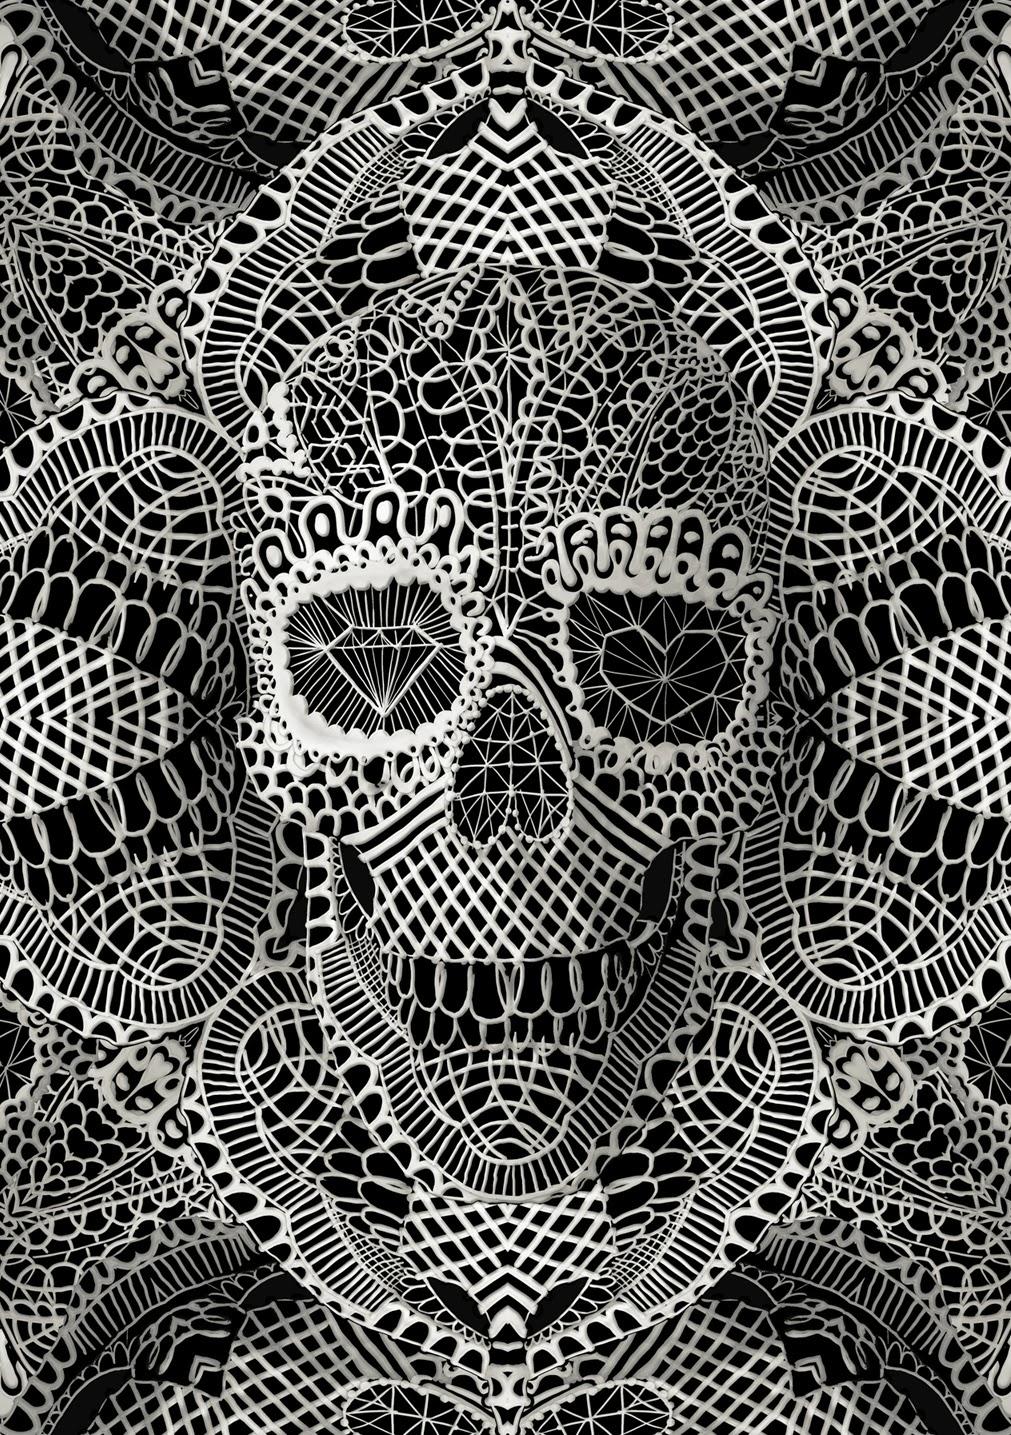 ©Ali Gulec. The Message. Decorative Skulls. Mixed Media